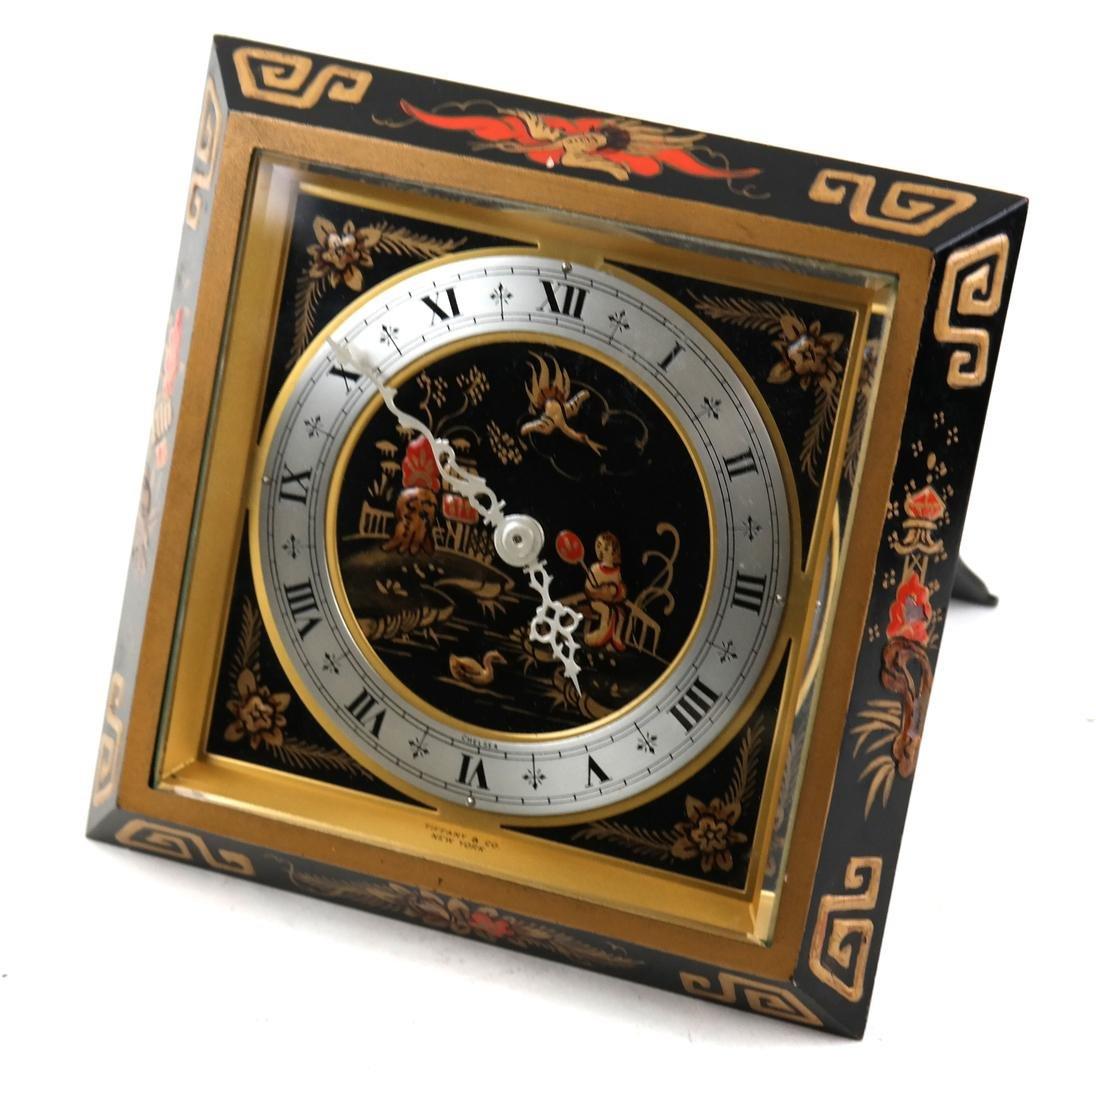 Tiffany & Co. New York Chelsea Clock